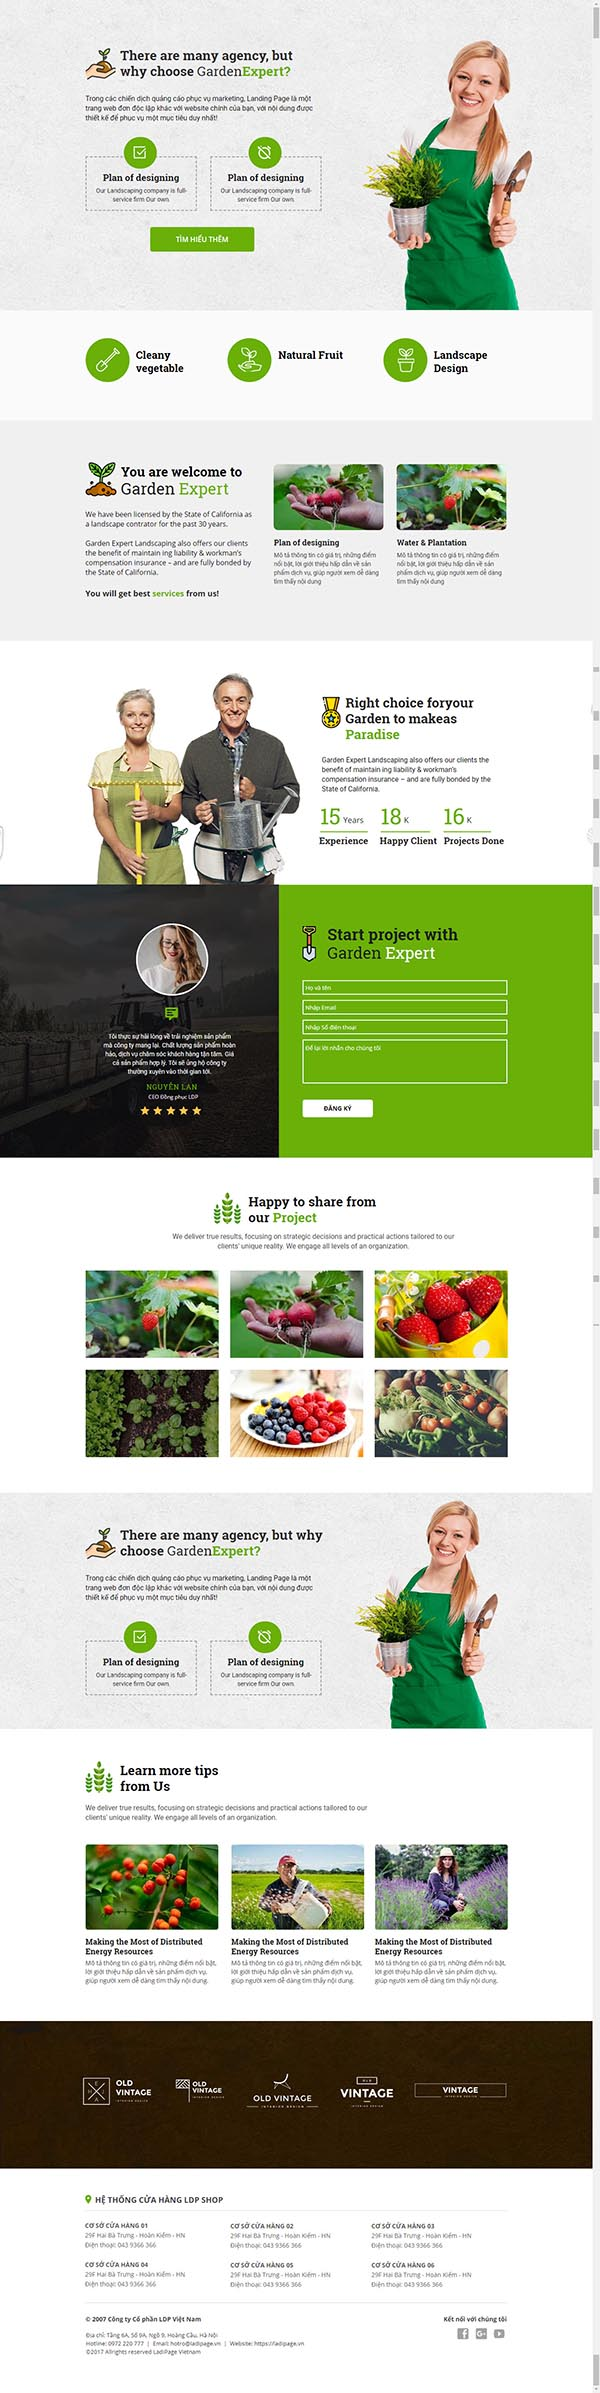 Thiết kế Mẫu website Landing Page 15